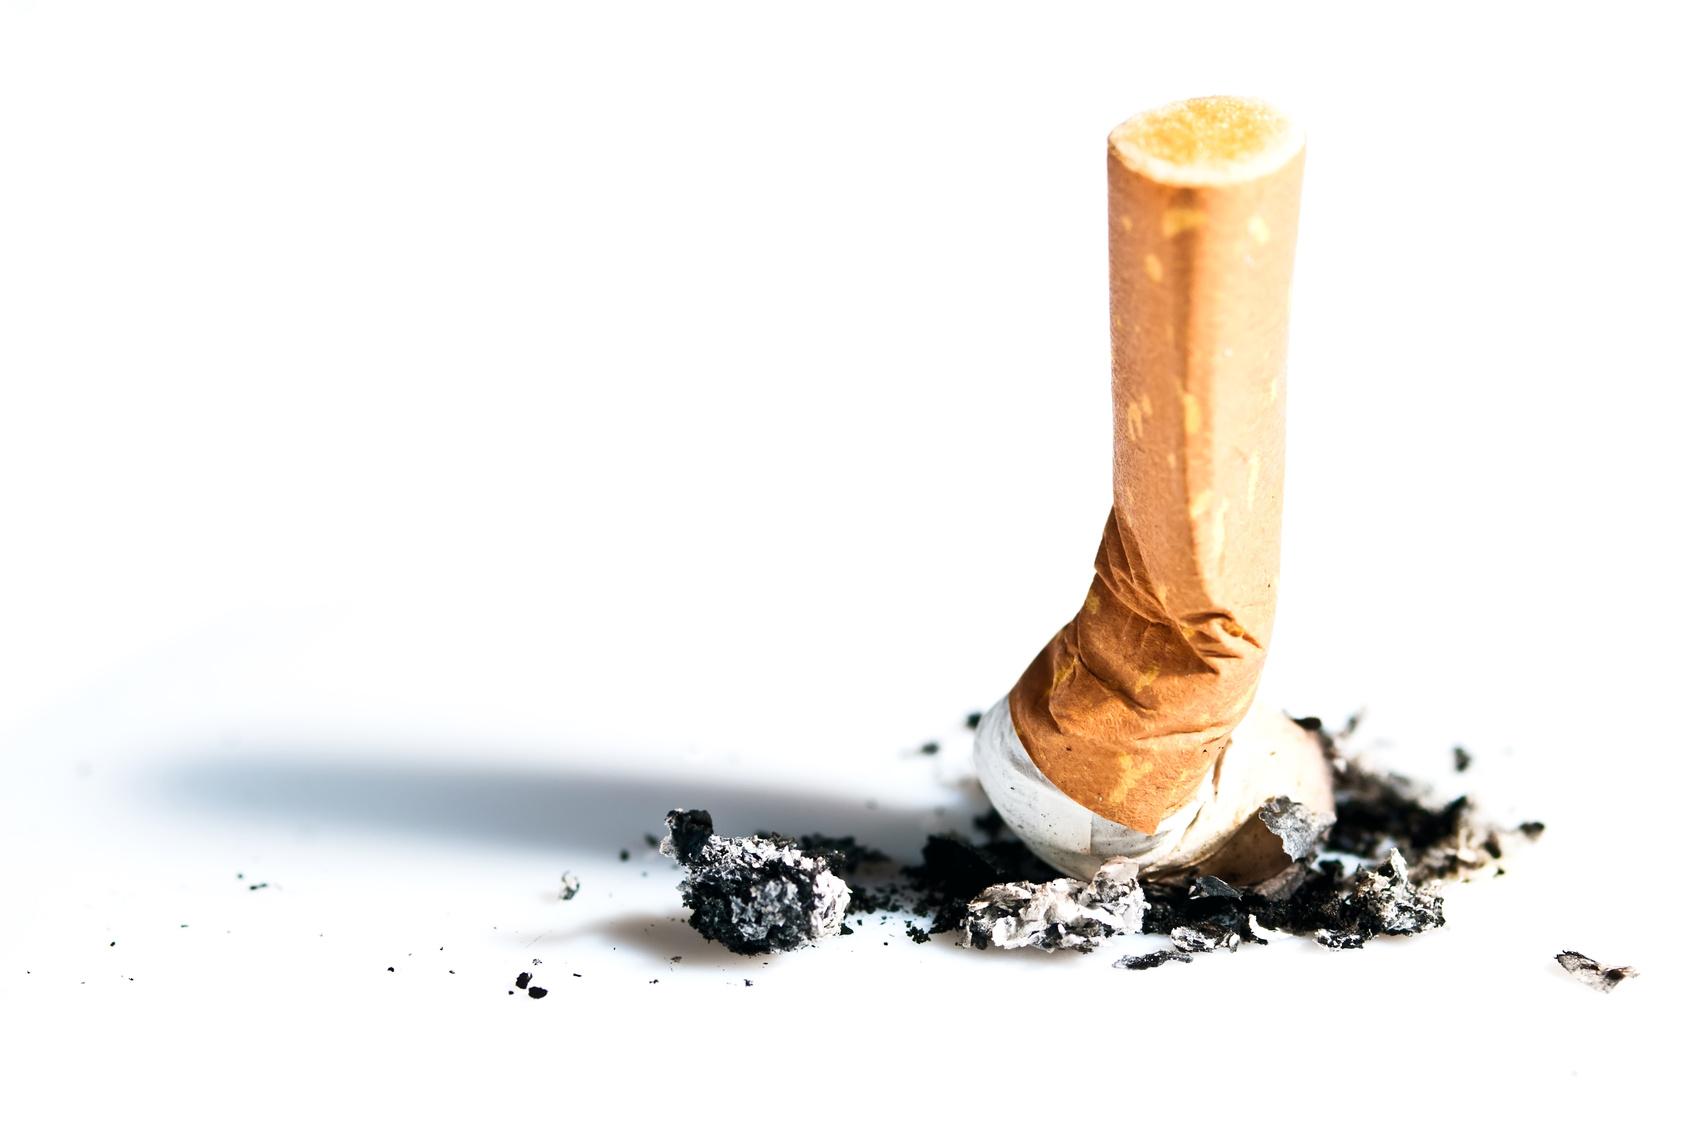 wie bekomme ich den geruch von zigaretten an den fingern am besten weg rauchen. Black Bedroom Furniture Sets. Home Design Ideas